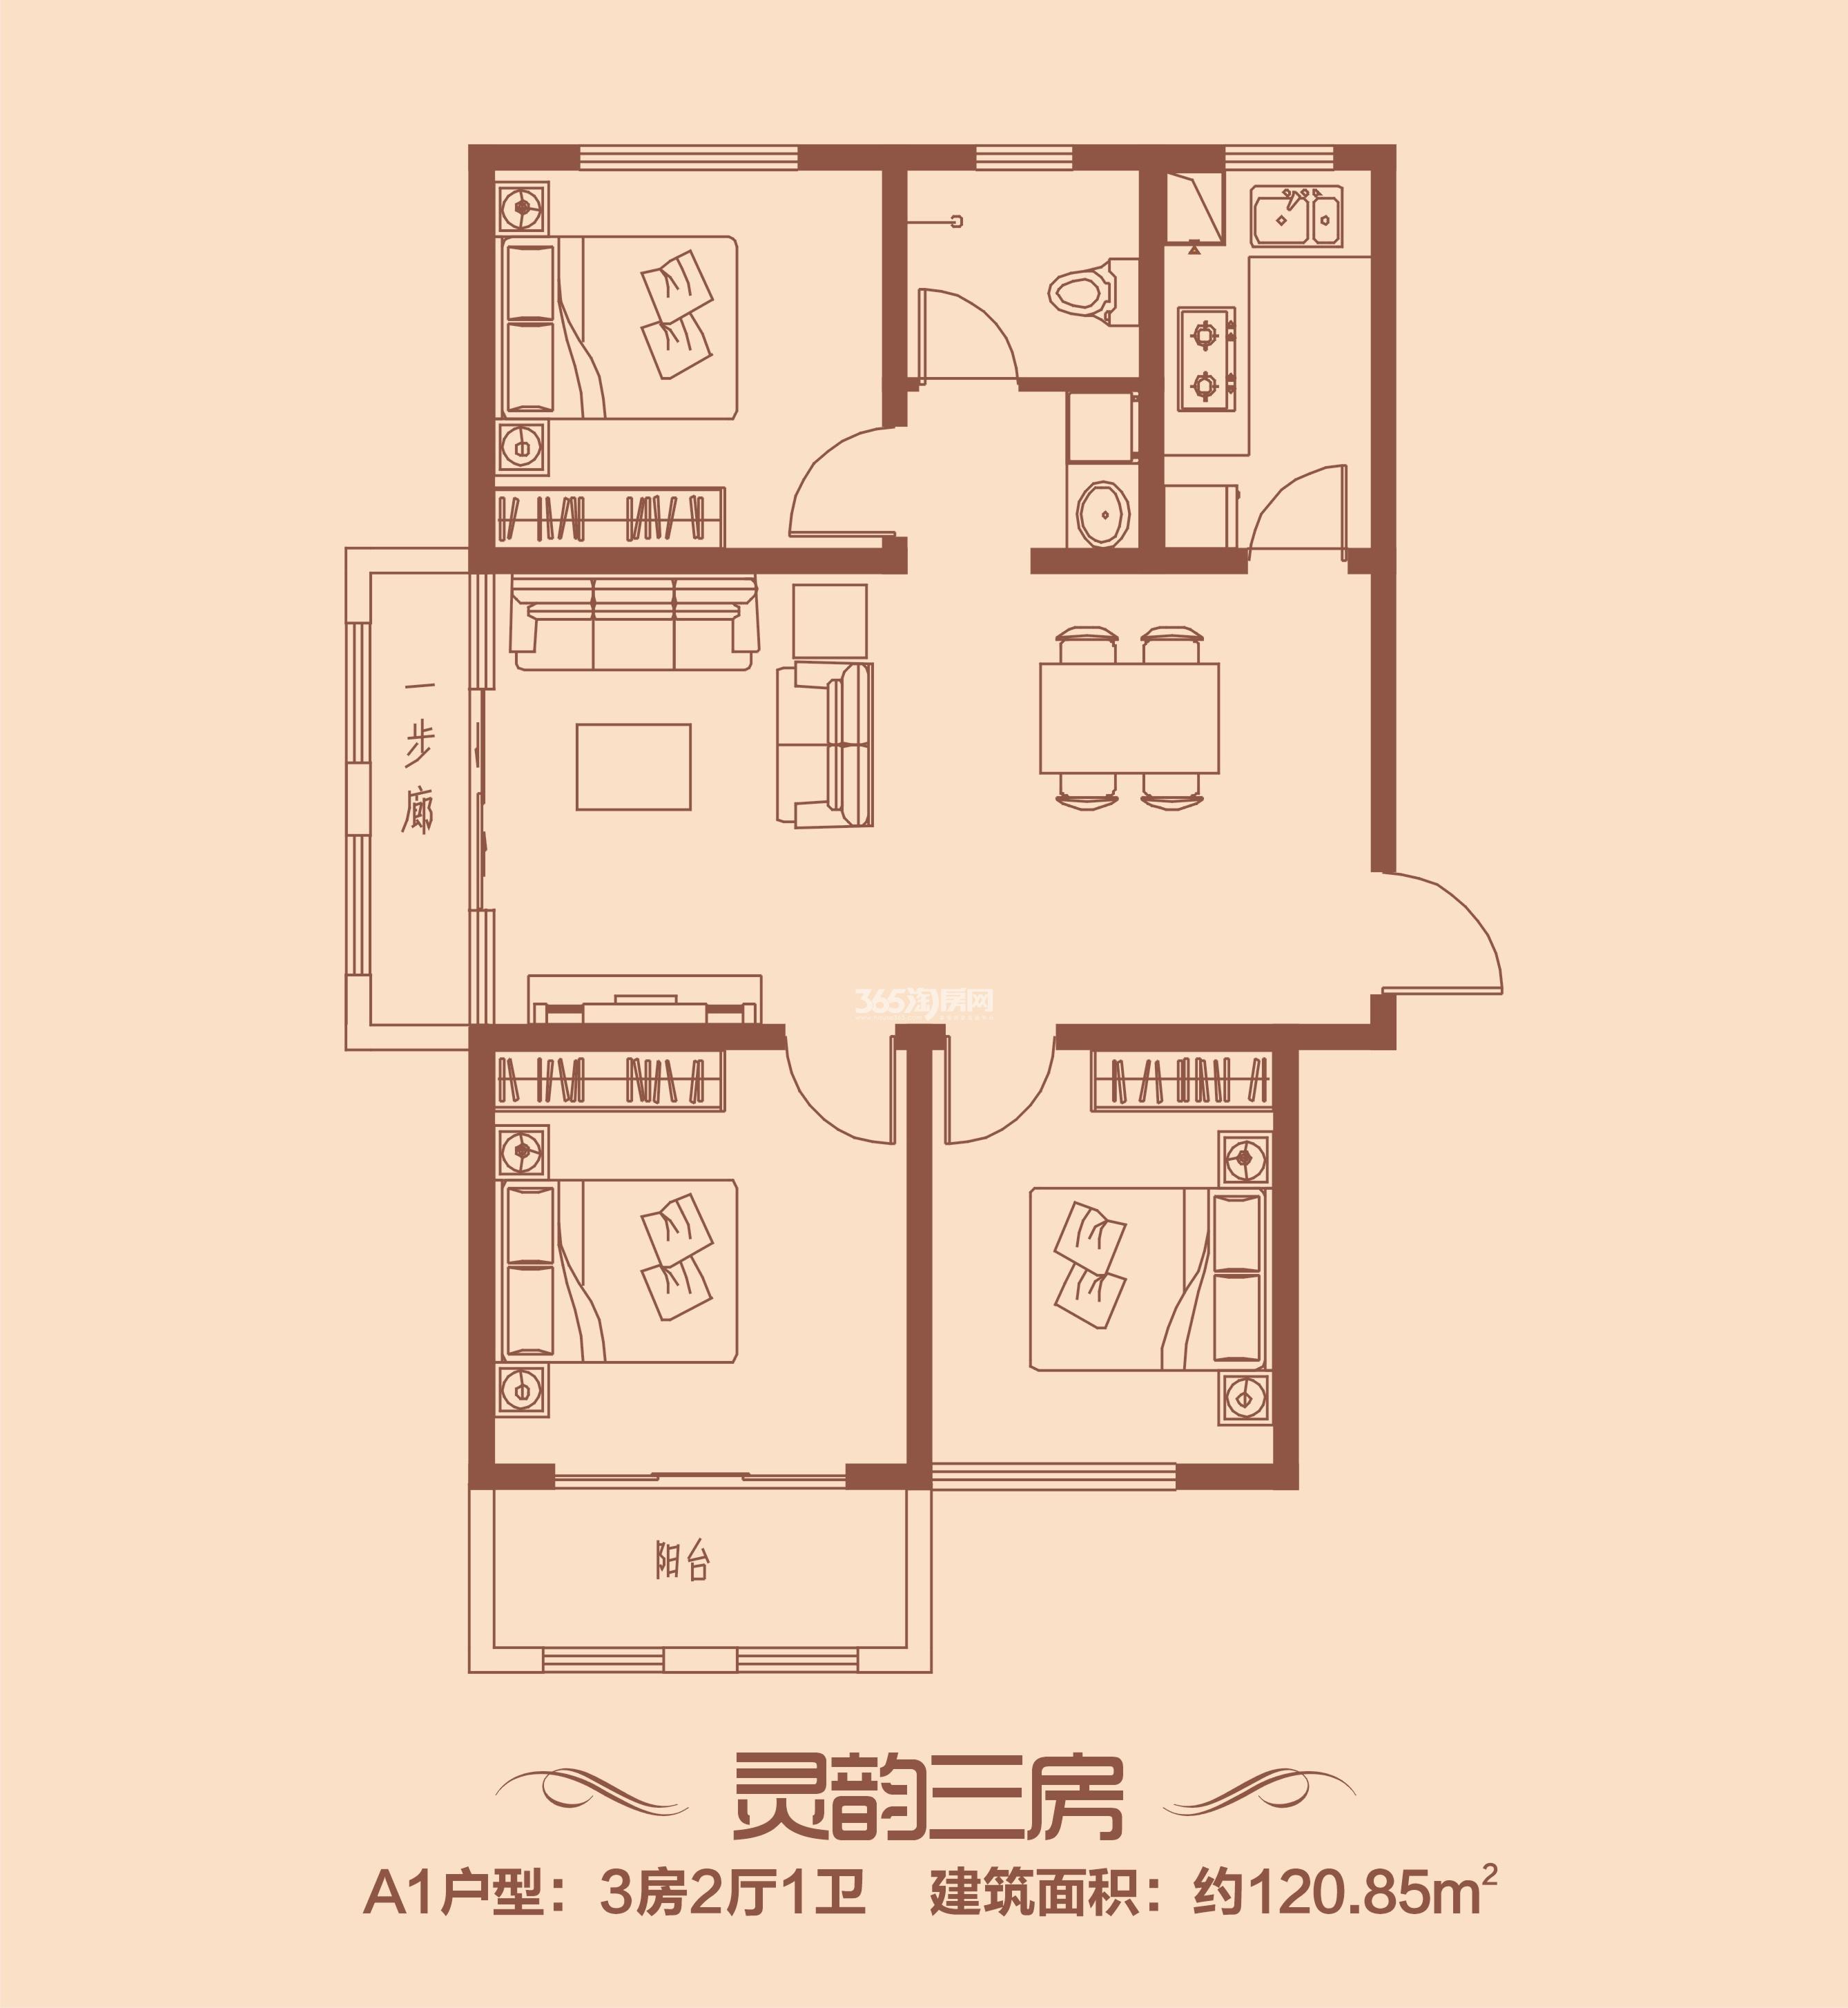 灵韵三房A1户型